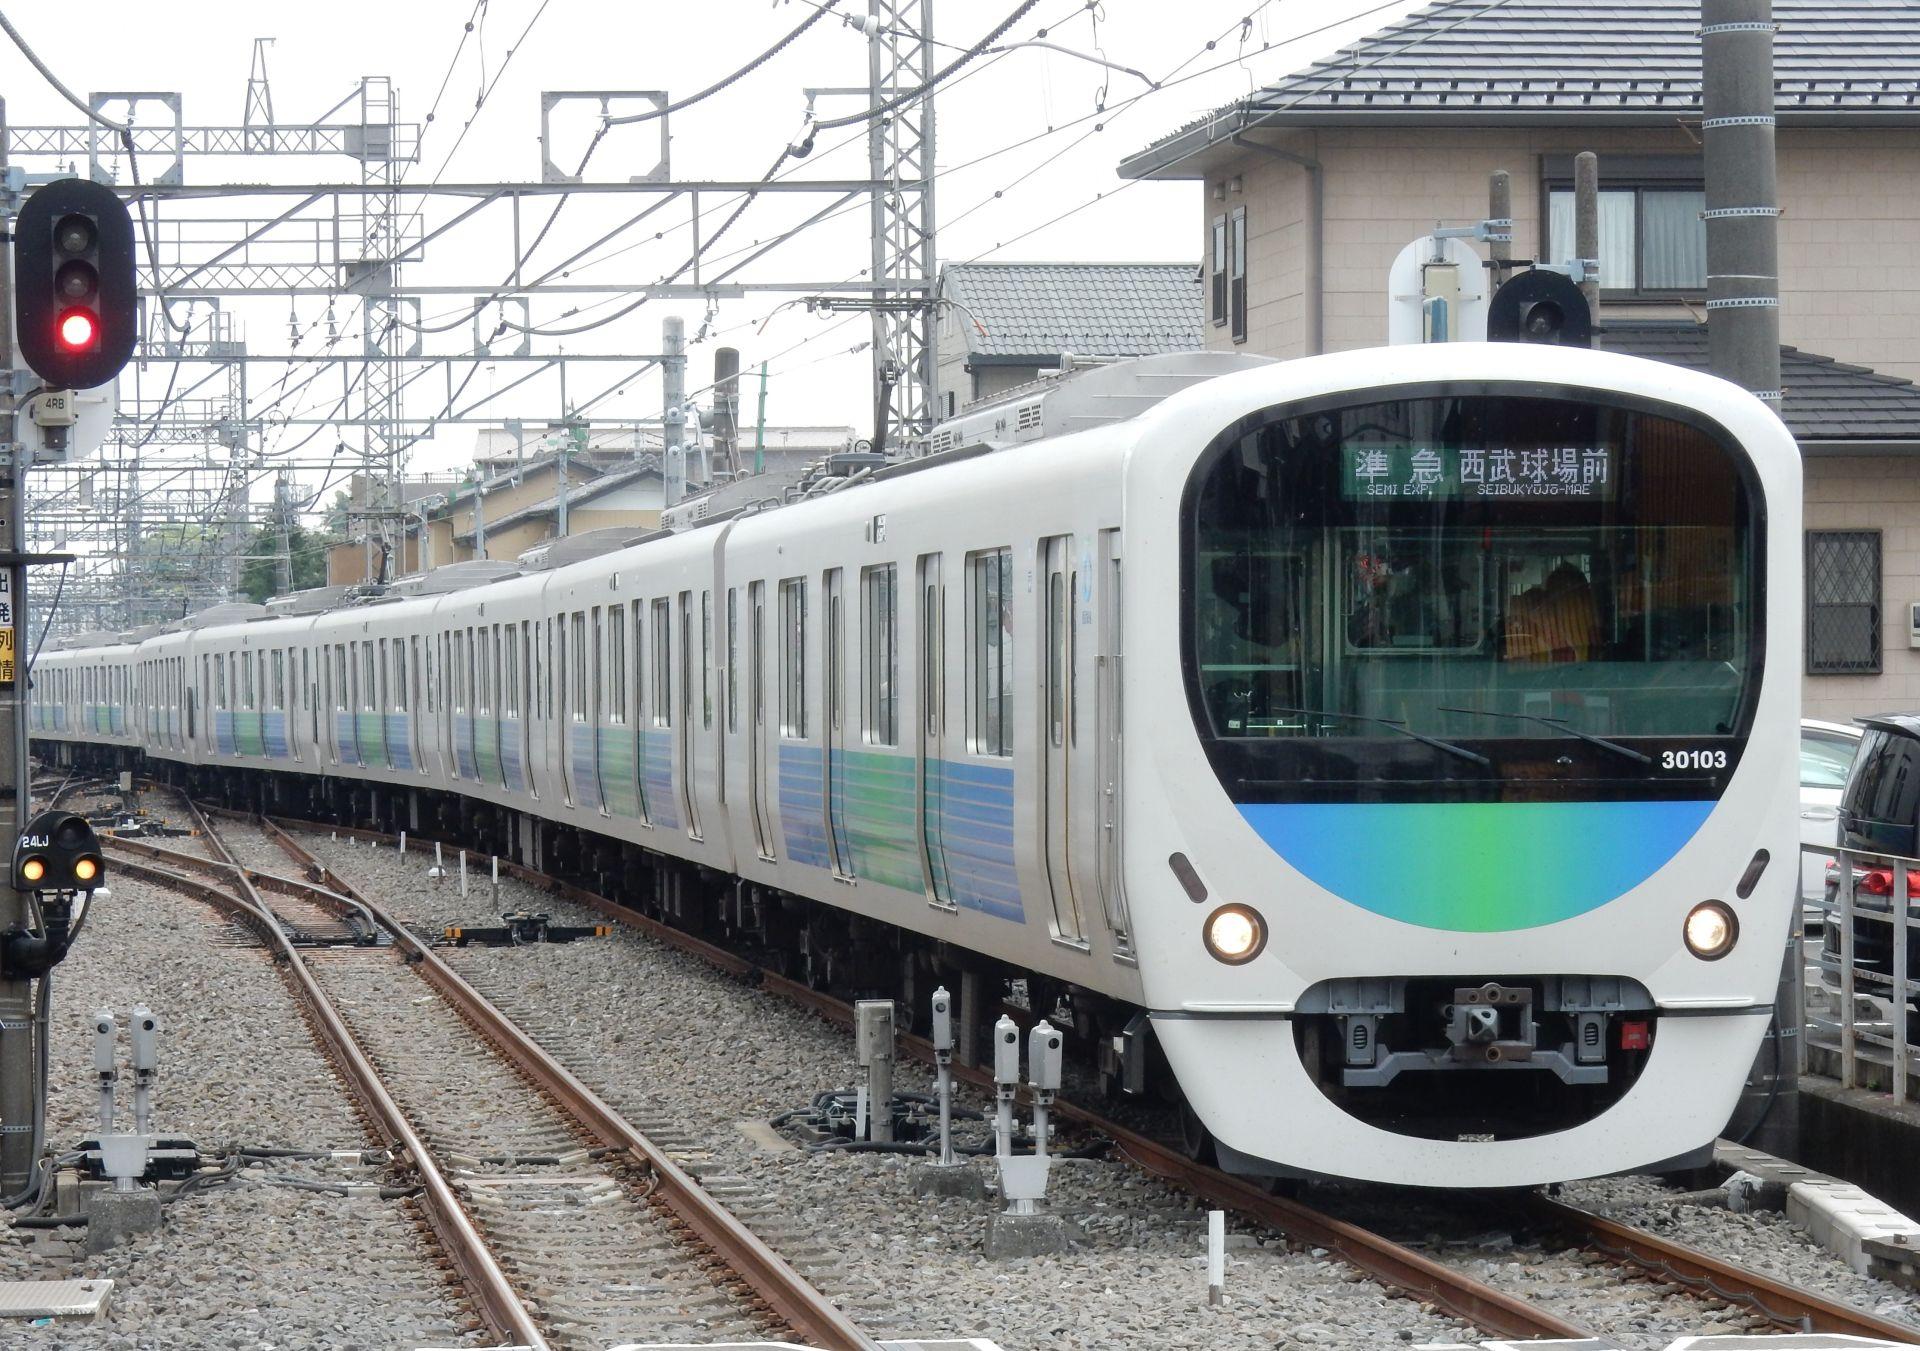 DSCN8010 - コピー